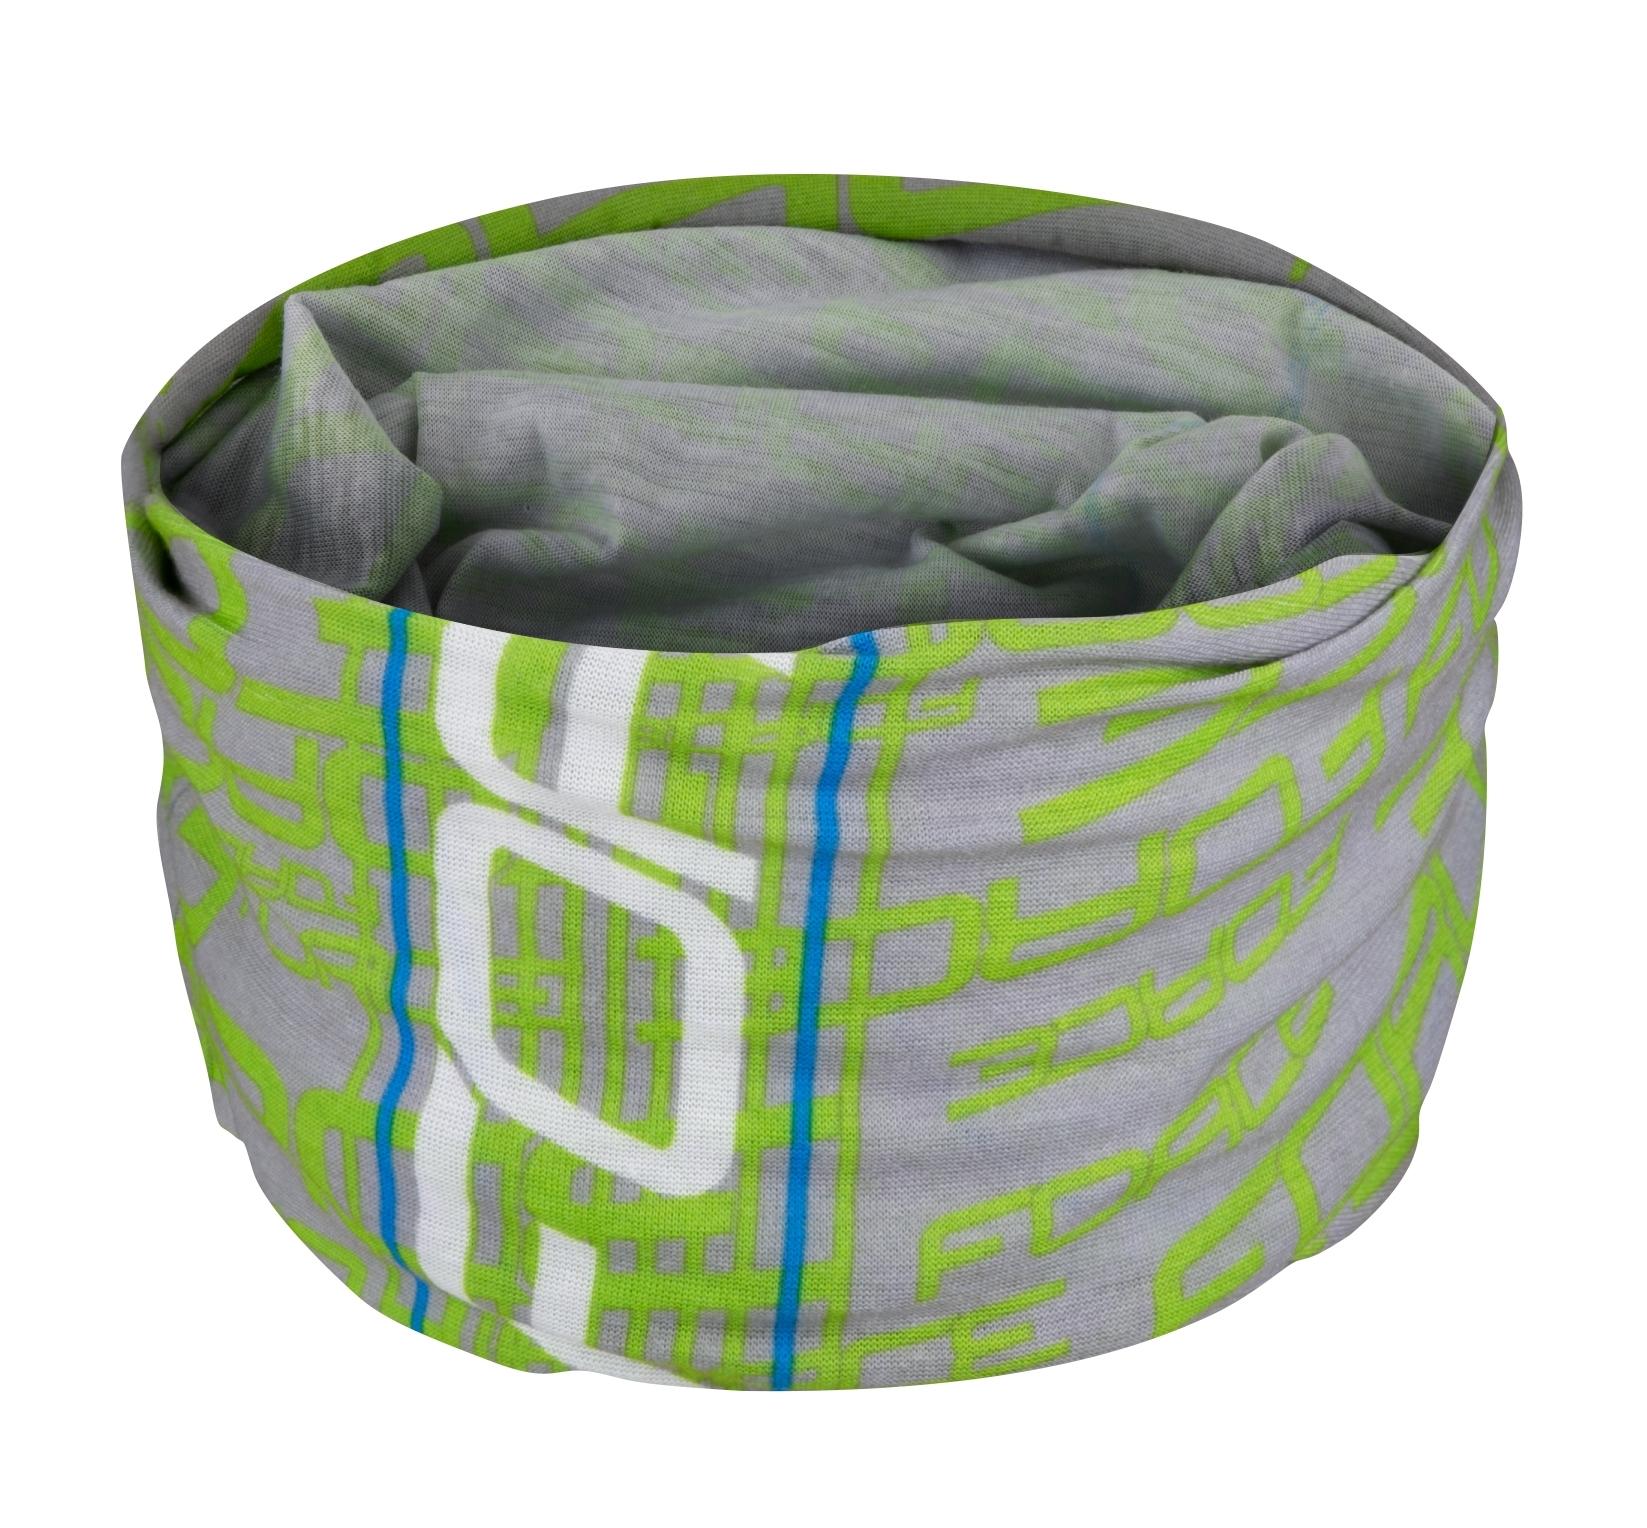 šátek multifunkční FORCE léto, fluo-šedý, UNI